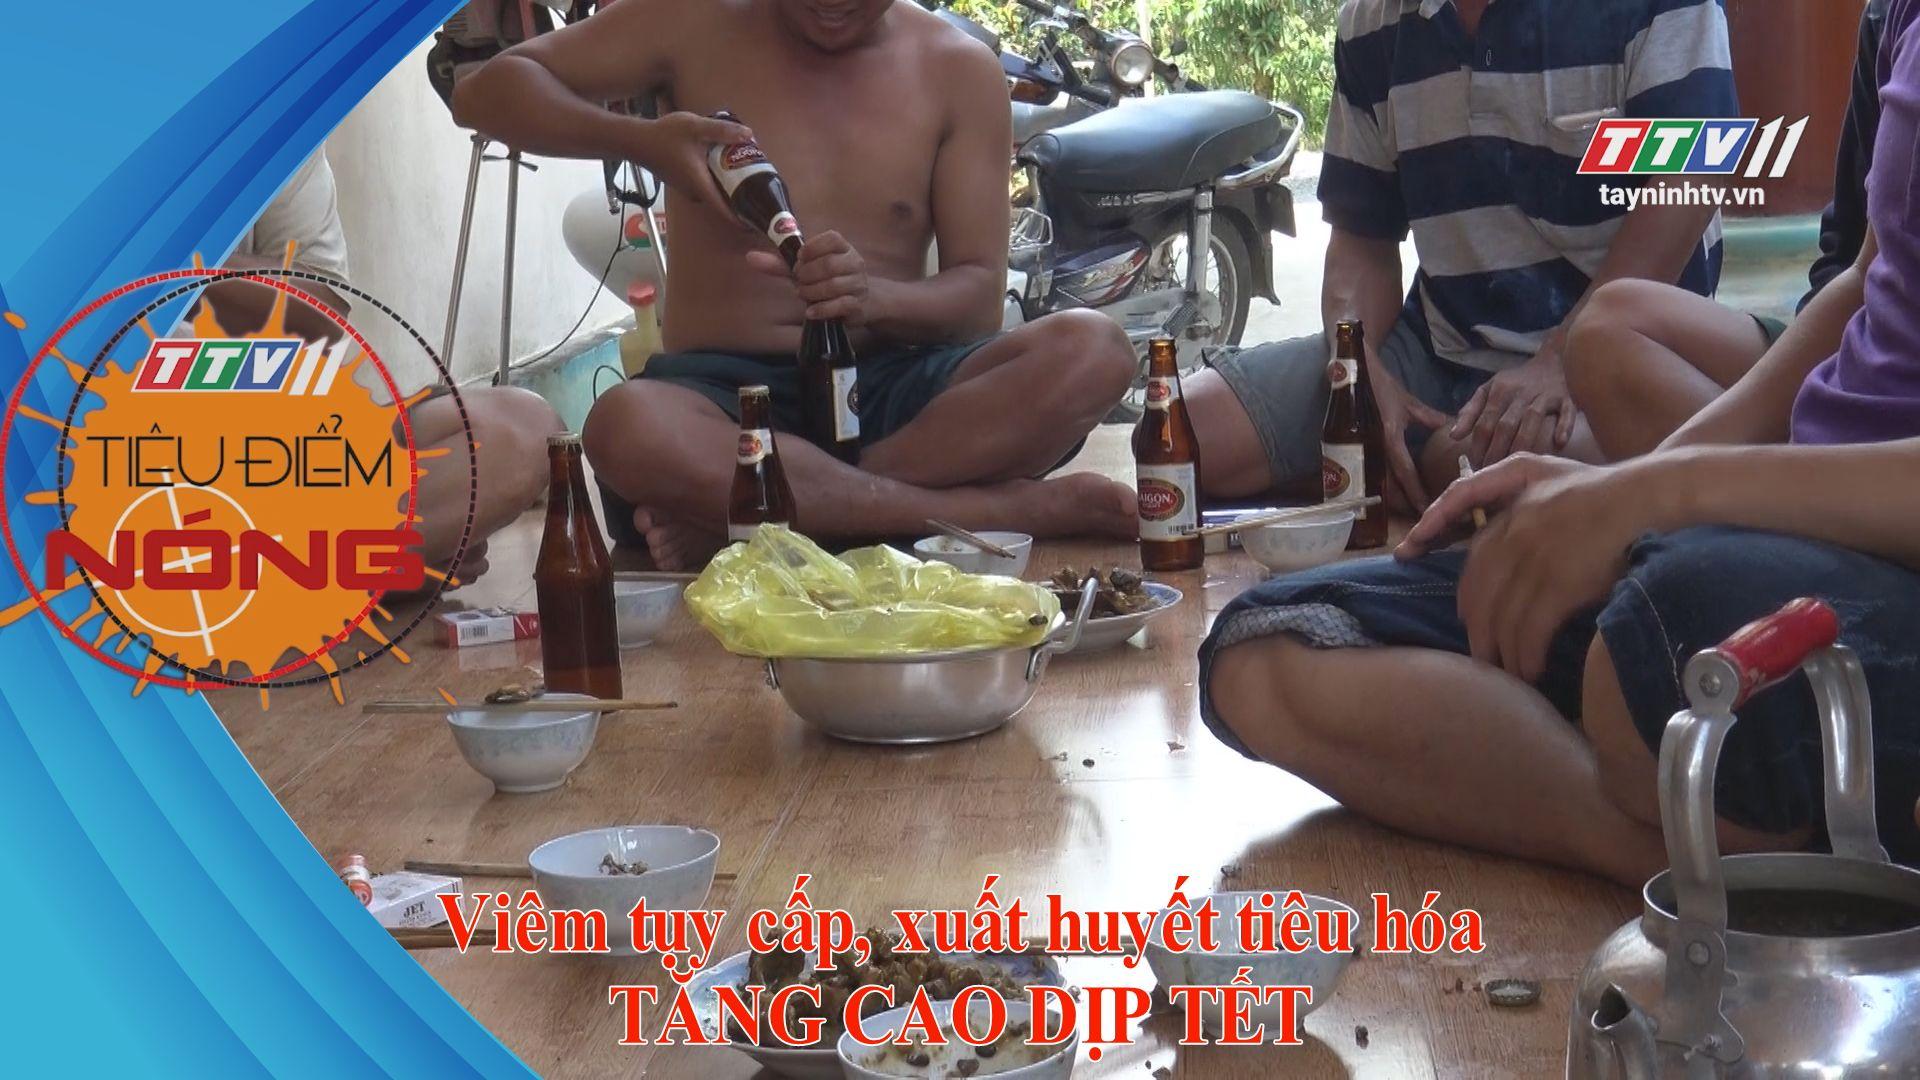 Viêm tụy cấp, xuất huyết tiêu hóa tăng cao dịp tết | TIÊU ĐIỂM NÓNG | TayNinhTV